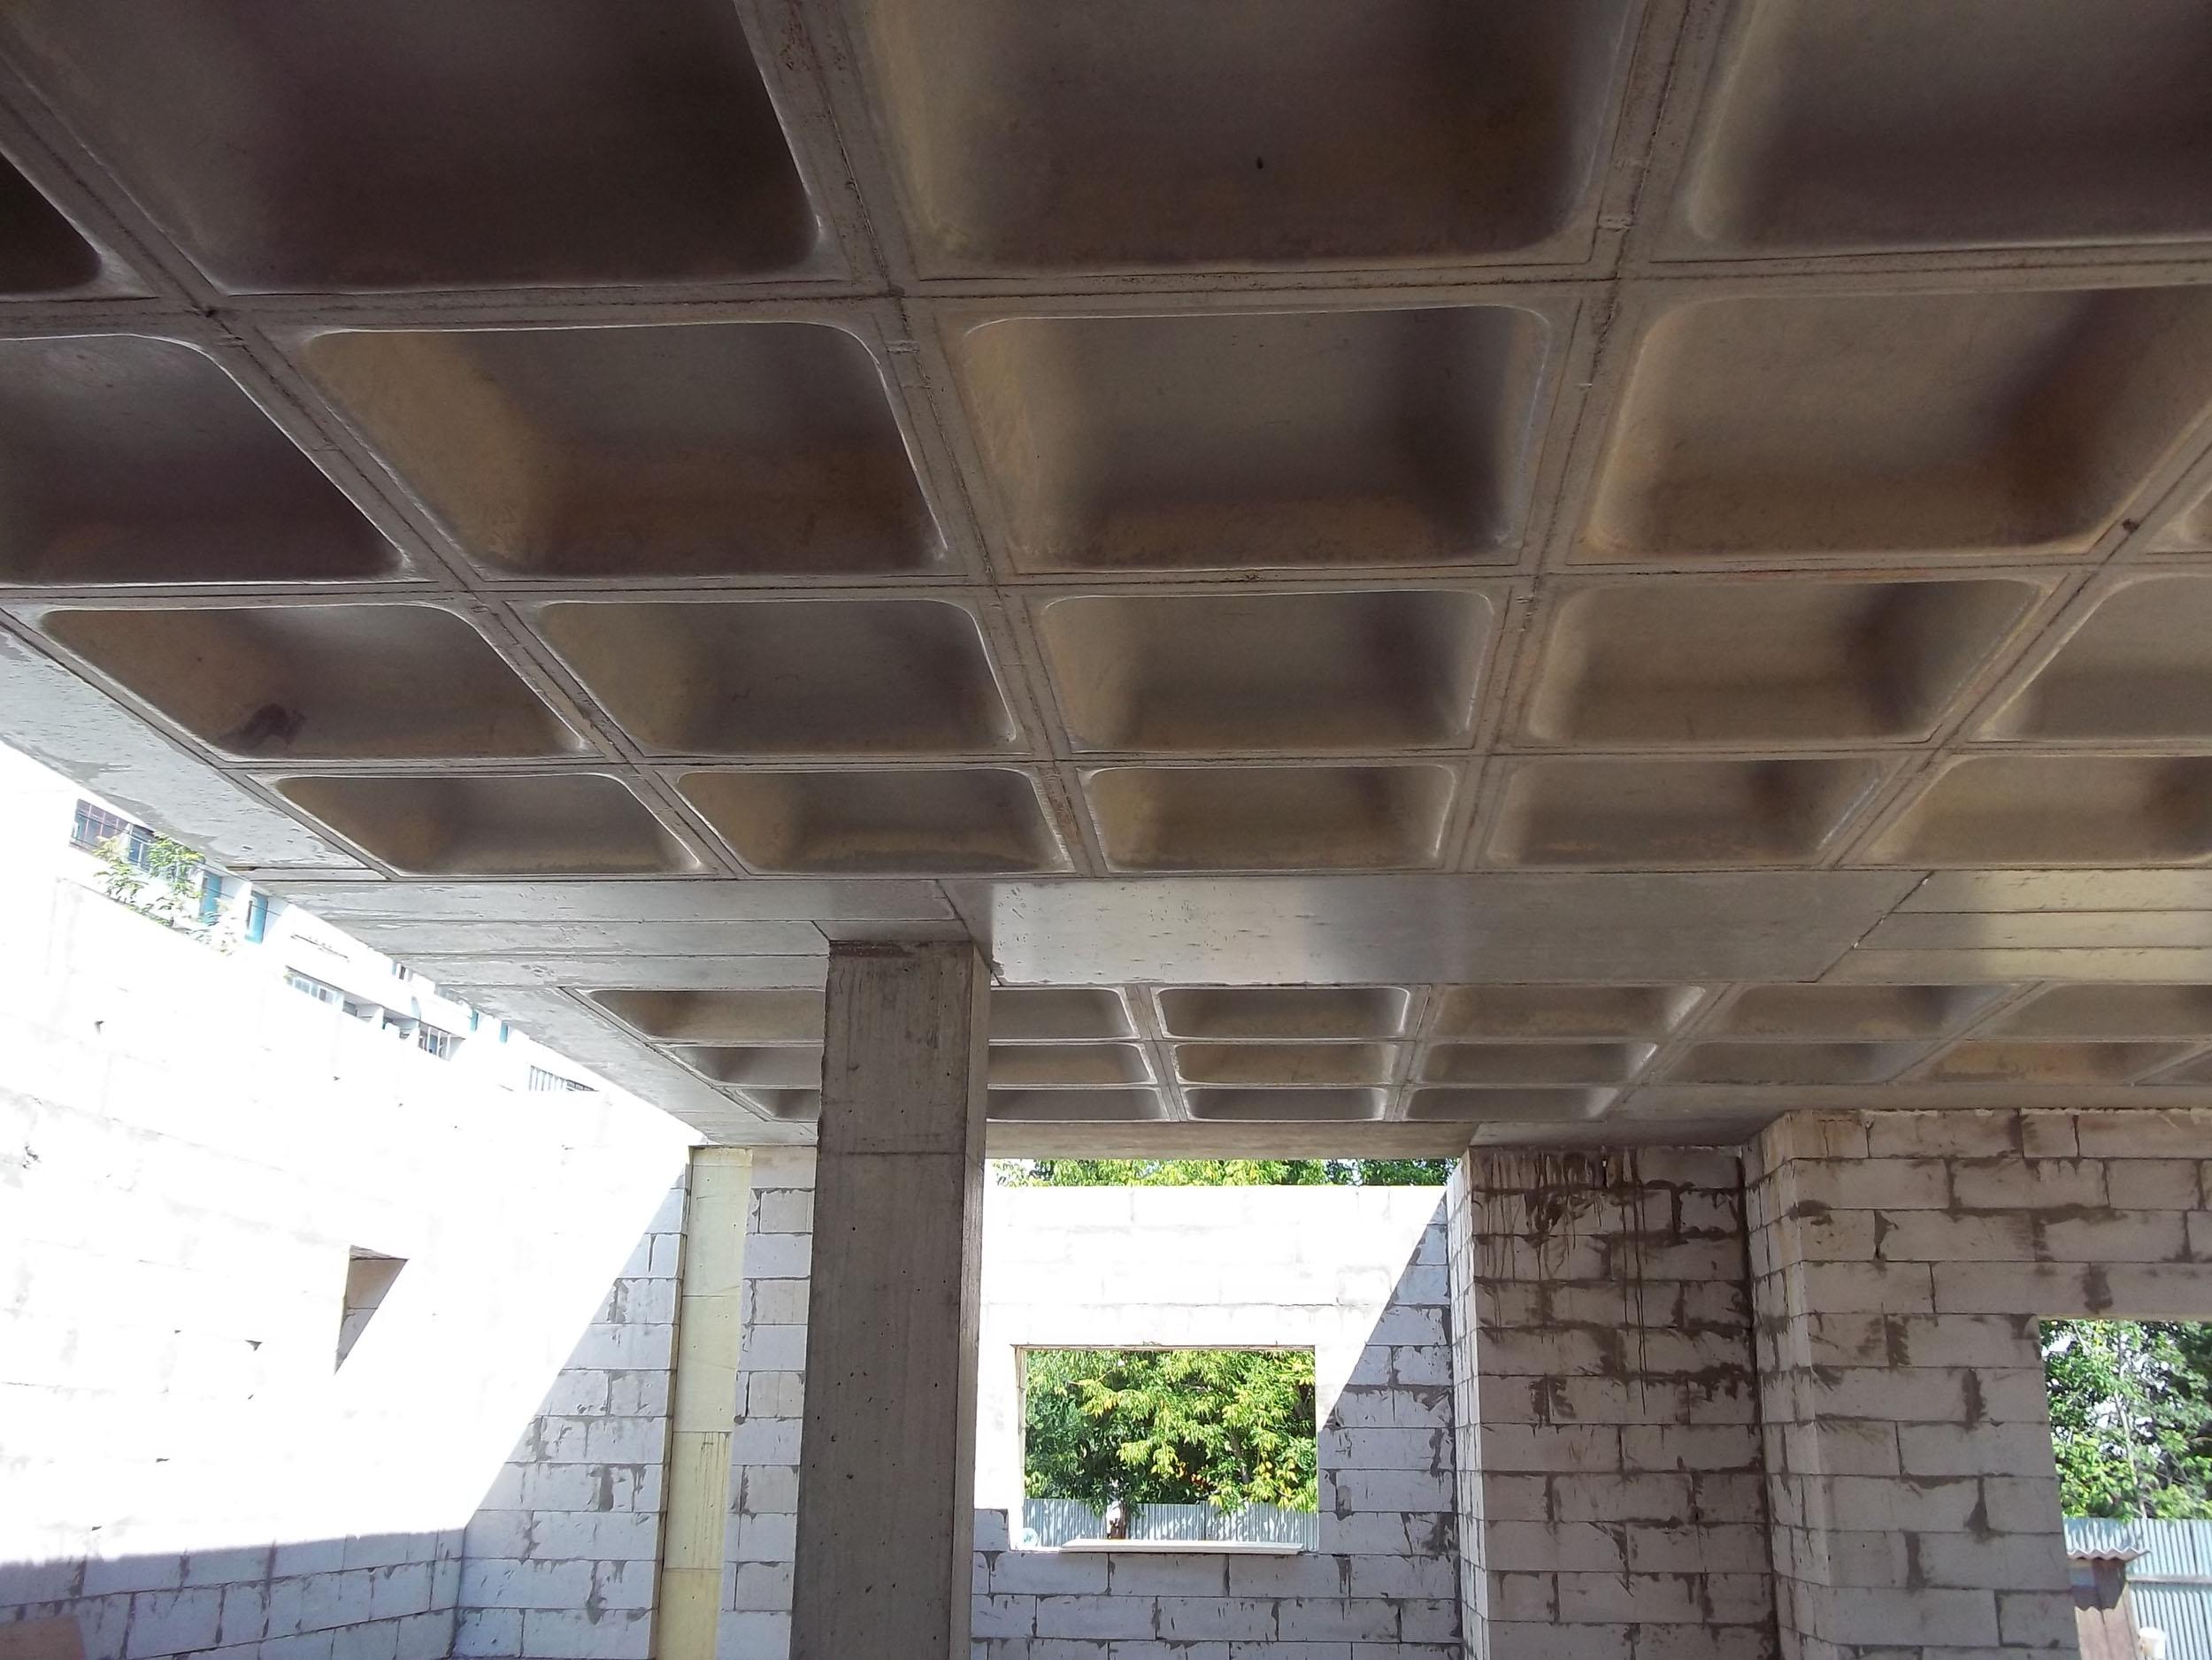 Современное строительство невозможно себе представить без использования бетонных плит перекрытия